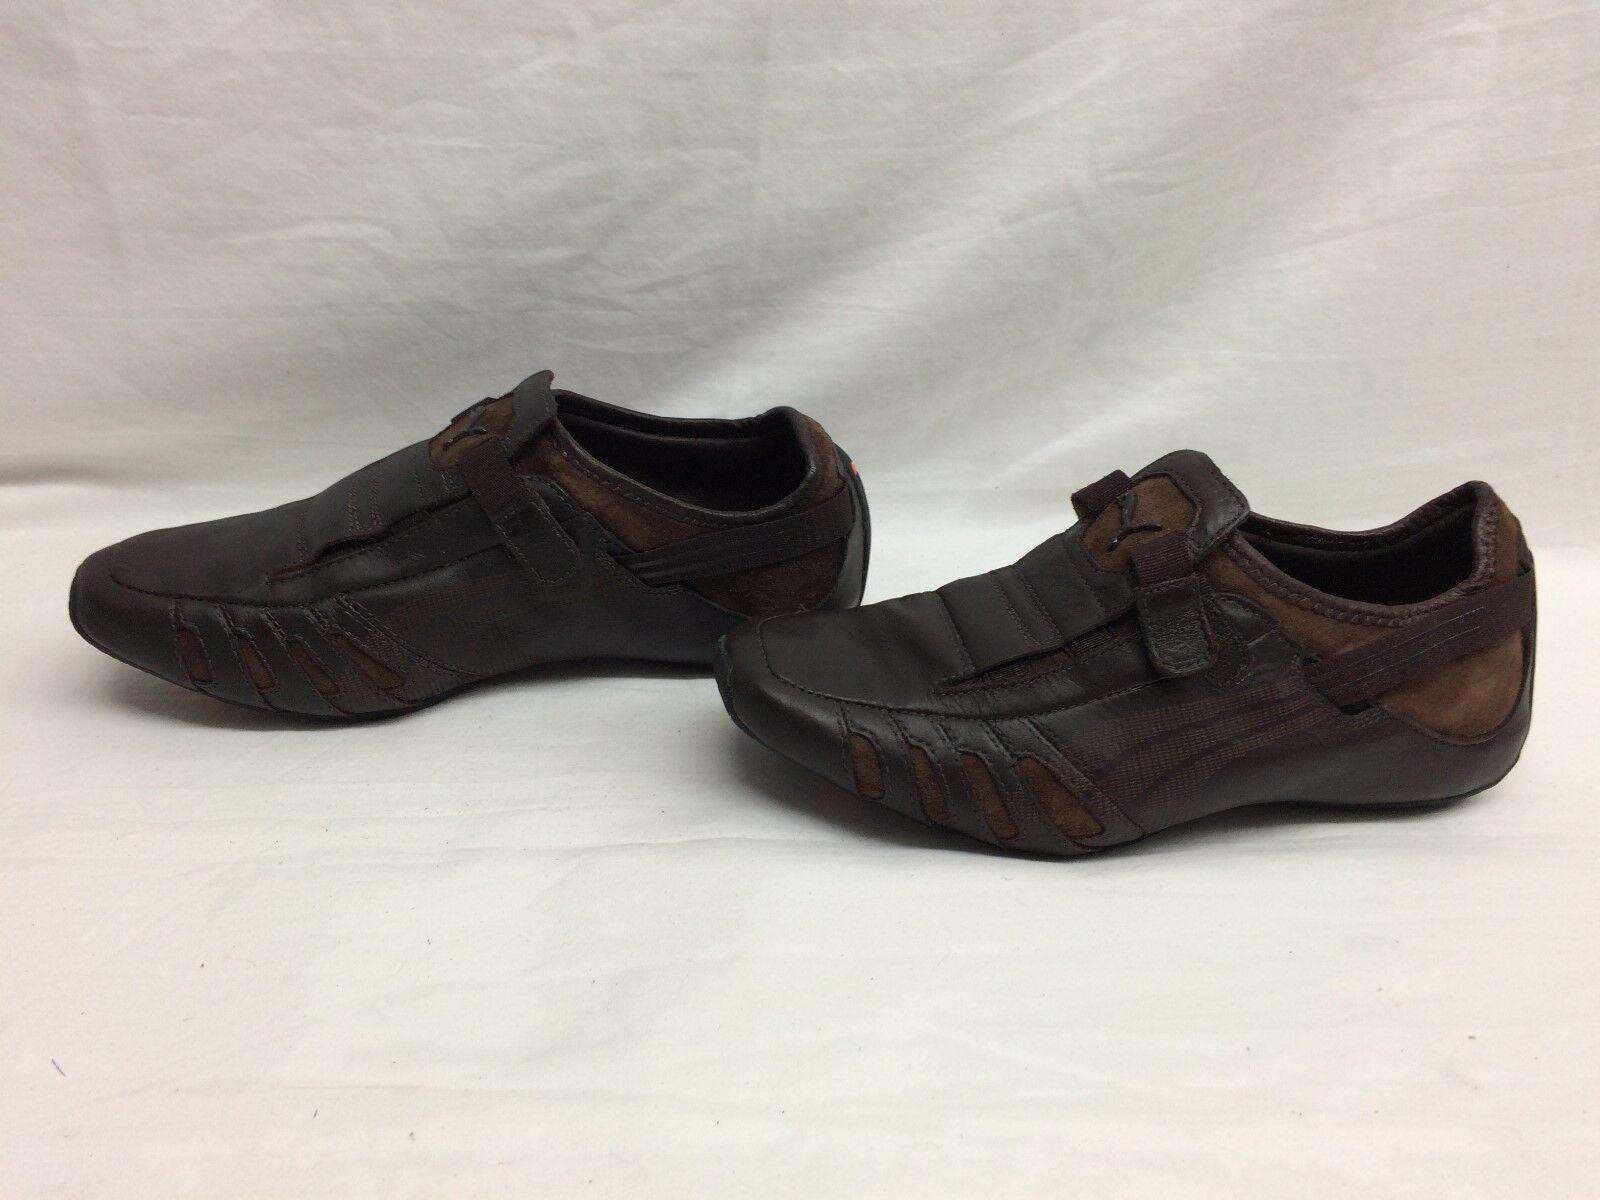 Puma Hombre Vedano Vedano Vedano cuero zapato café / Marron Talla 7 US g dfb840